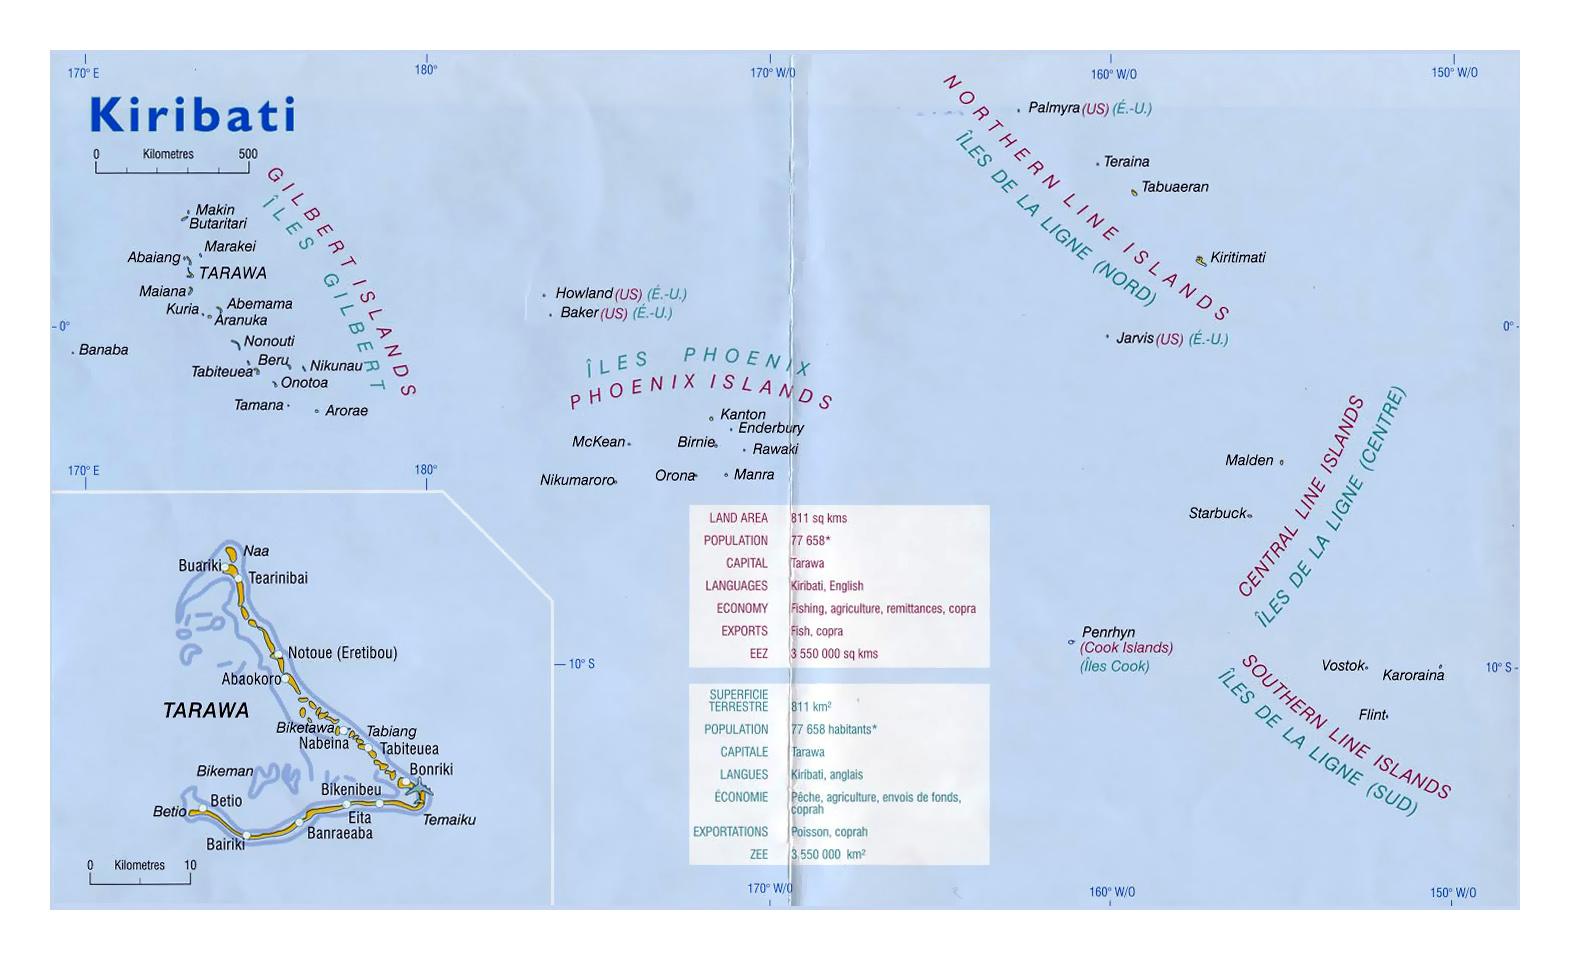 Kiribati On World Map on malaysia on world map, barbados on world map, new zealand on world map, french guyana on world map, map of belize on world map, laos on world map, comoros on world map, samoa on world map, south sandwich islands on world map, tonga on world map, the sudan on world map, marshall islands on world map, grenada on world map, myanmar on world map, 1992 world map, srivijaya on world map, vanuatu on world map, okinawa island on world map, marianas on world map, micronesia on world map,